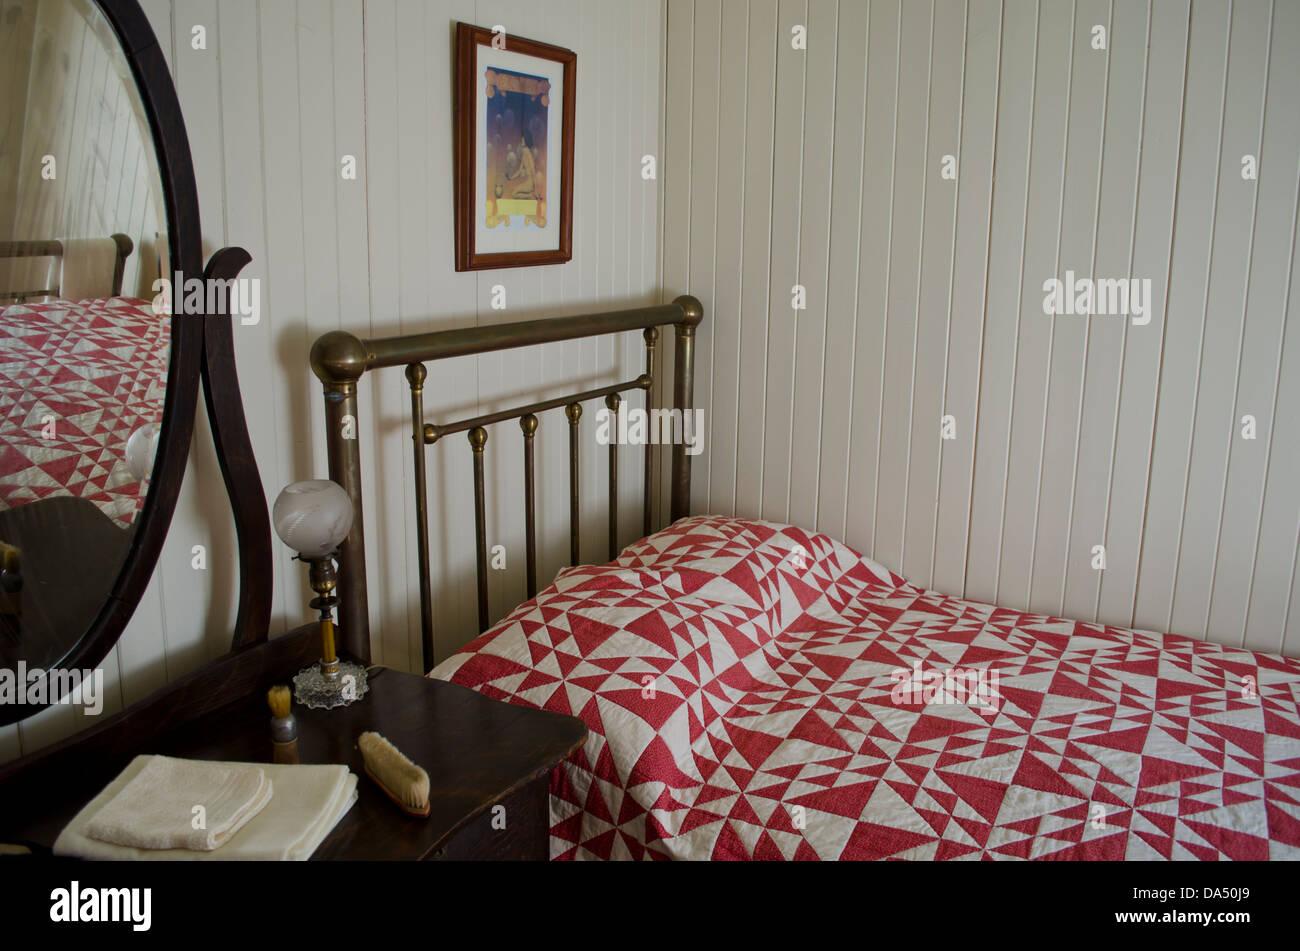 Altmodische Zimmer mit antiken Bett und Kommode. Das Bett hat einen ...